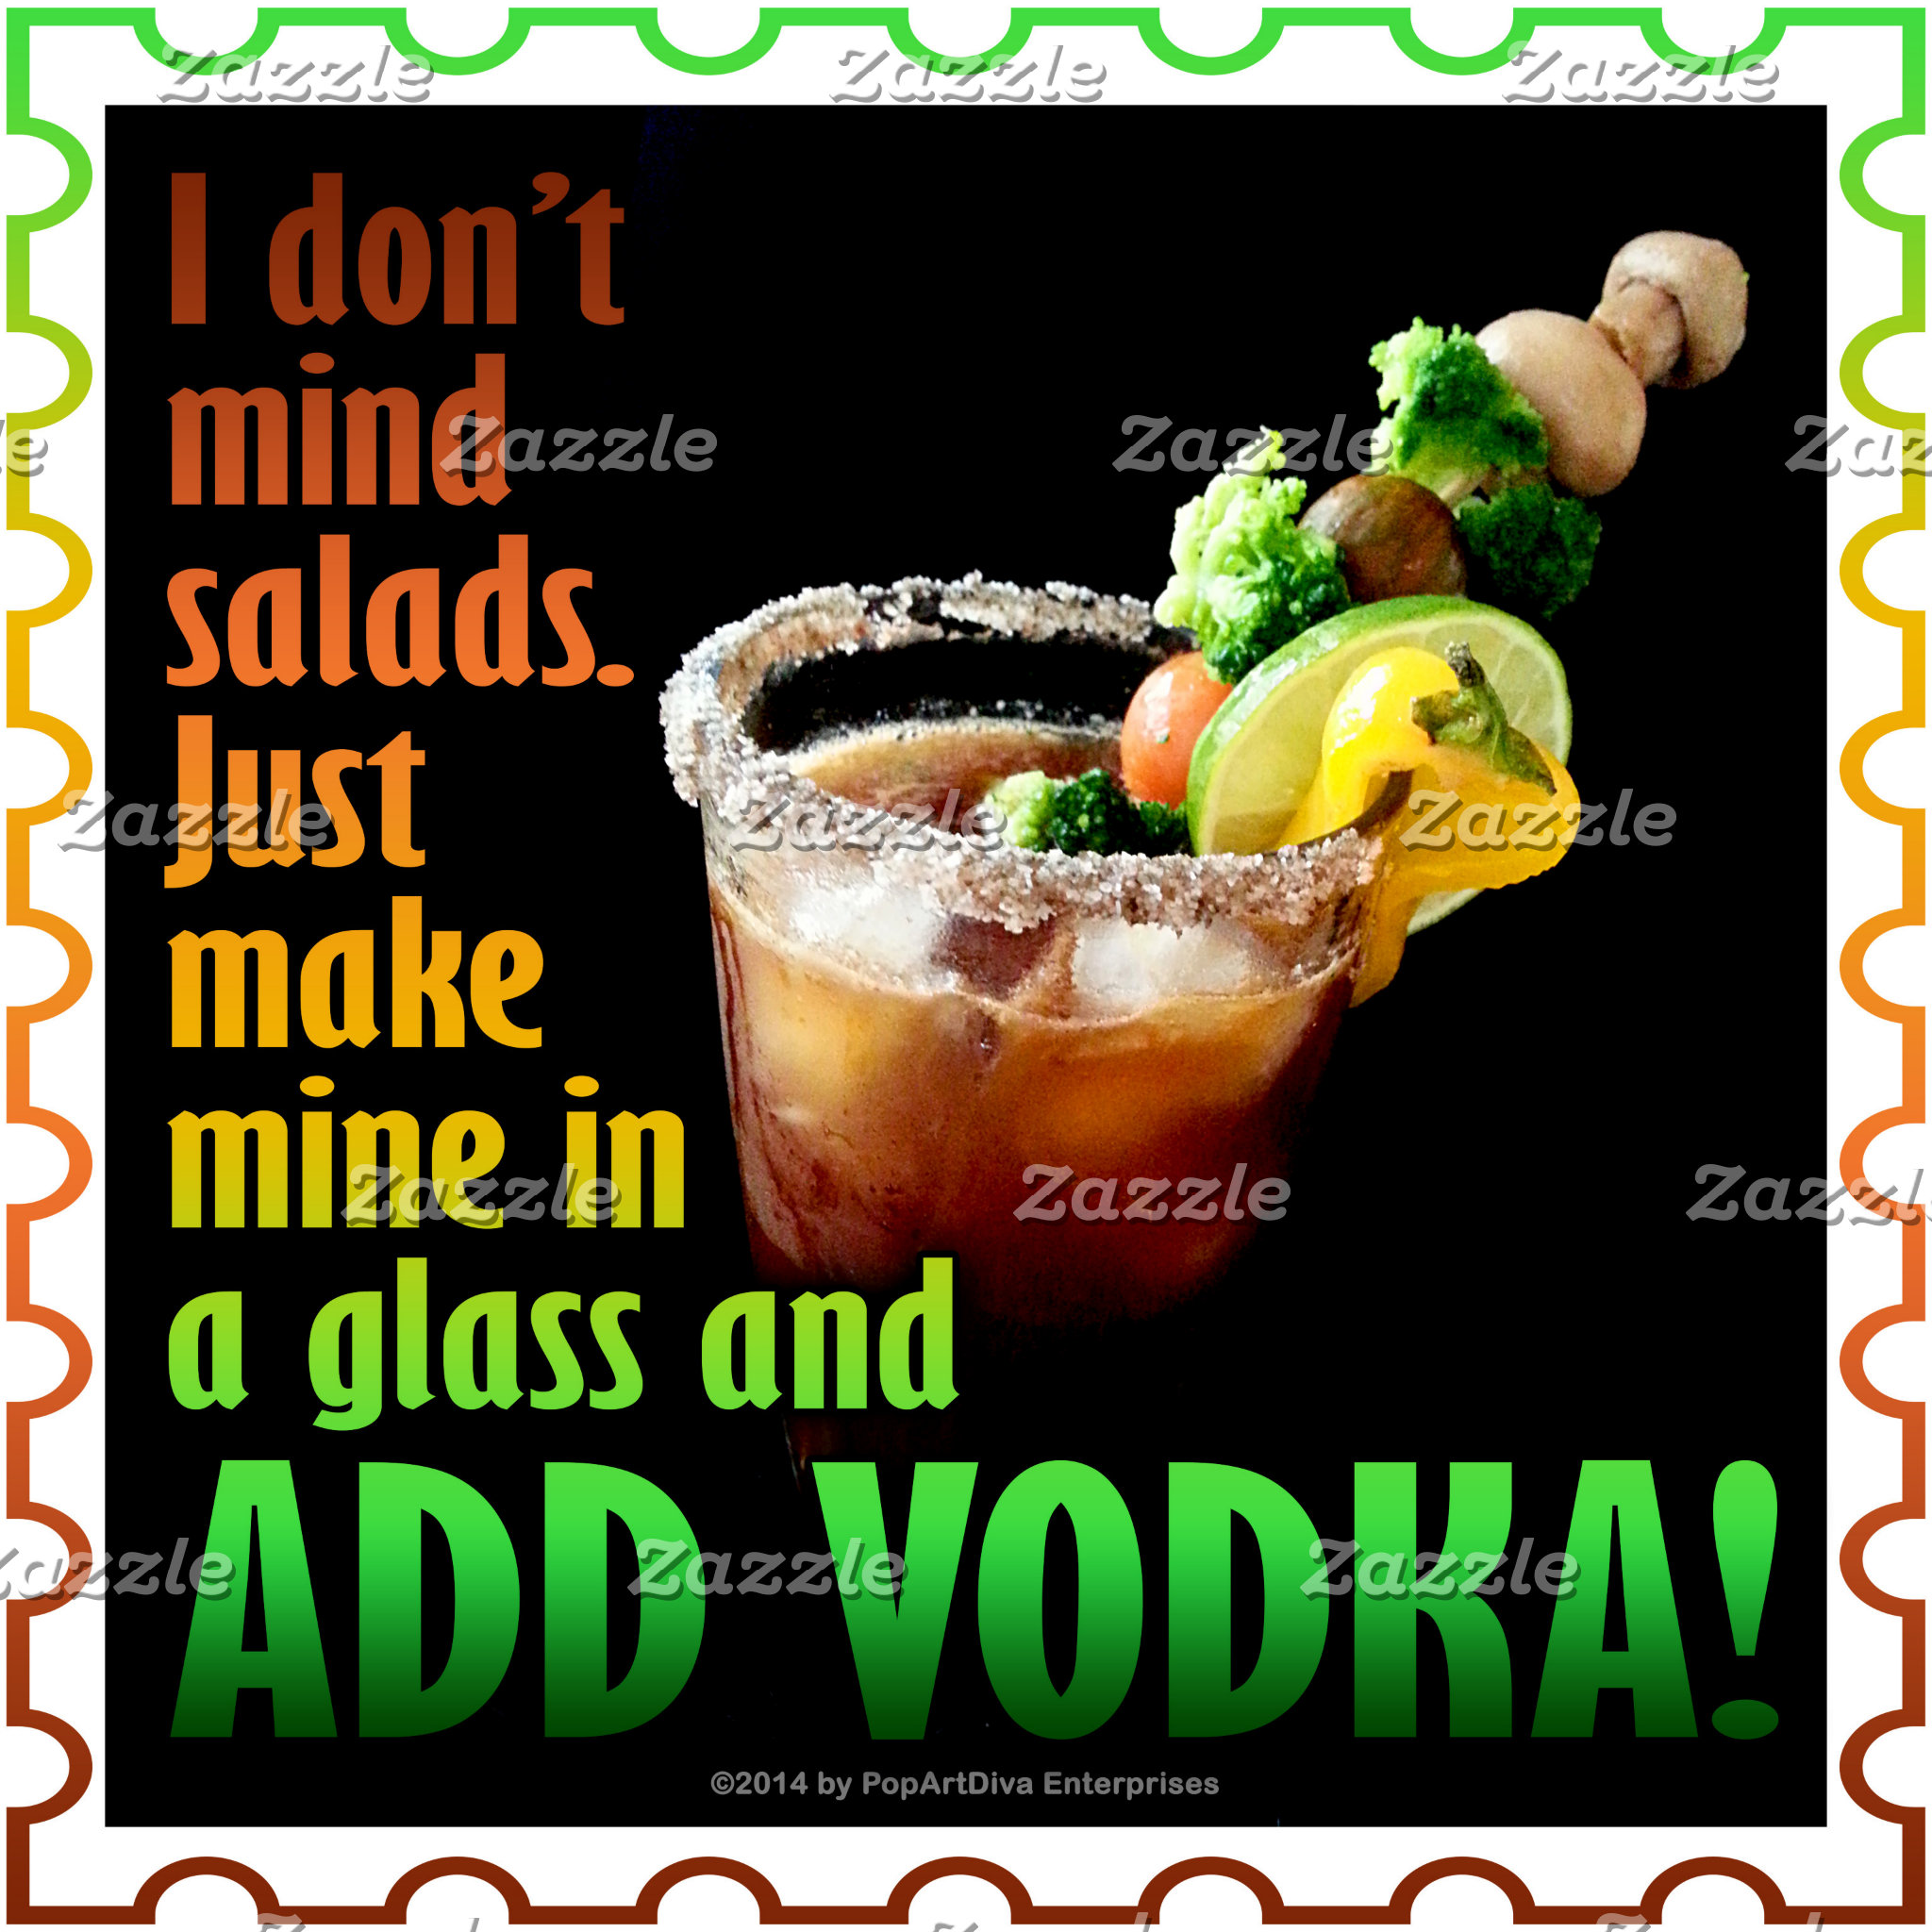 at4 Salad? ADD VODKA!